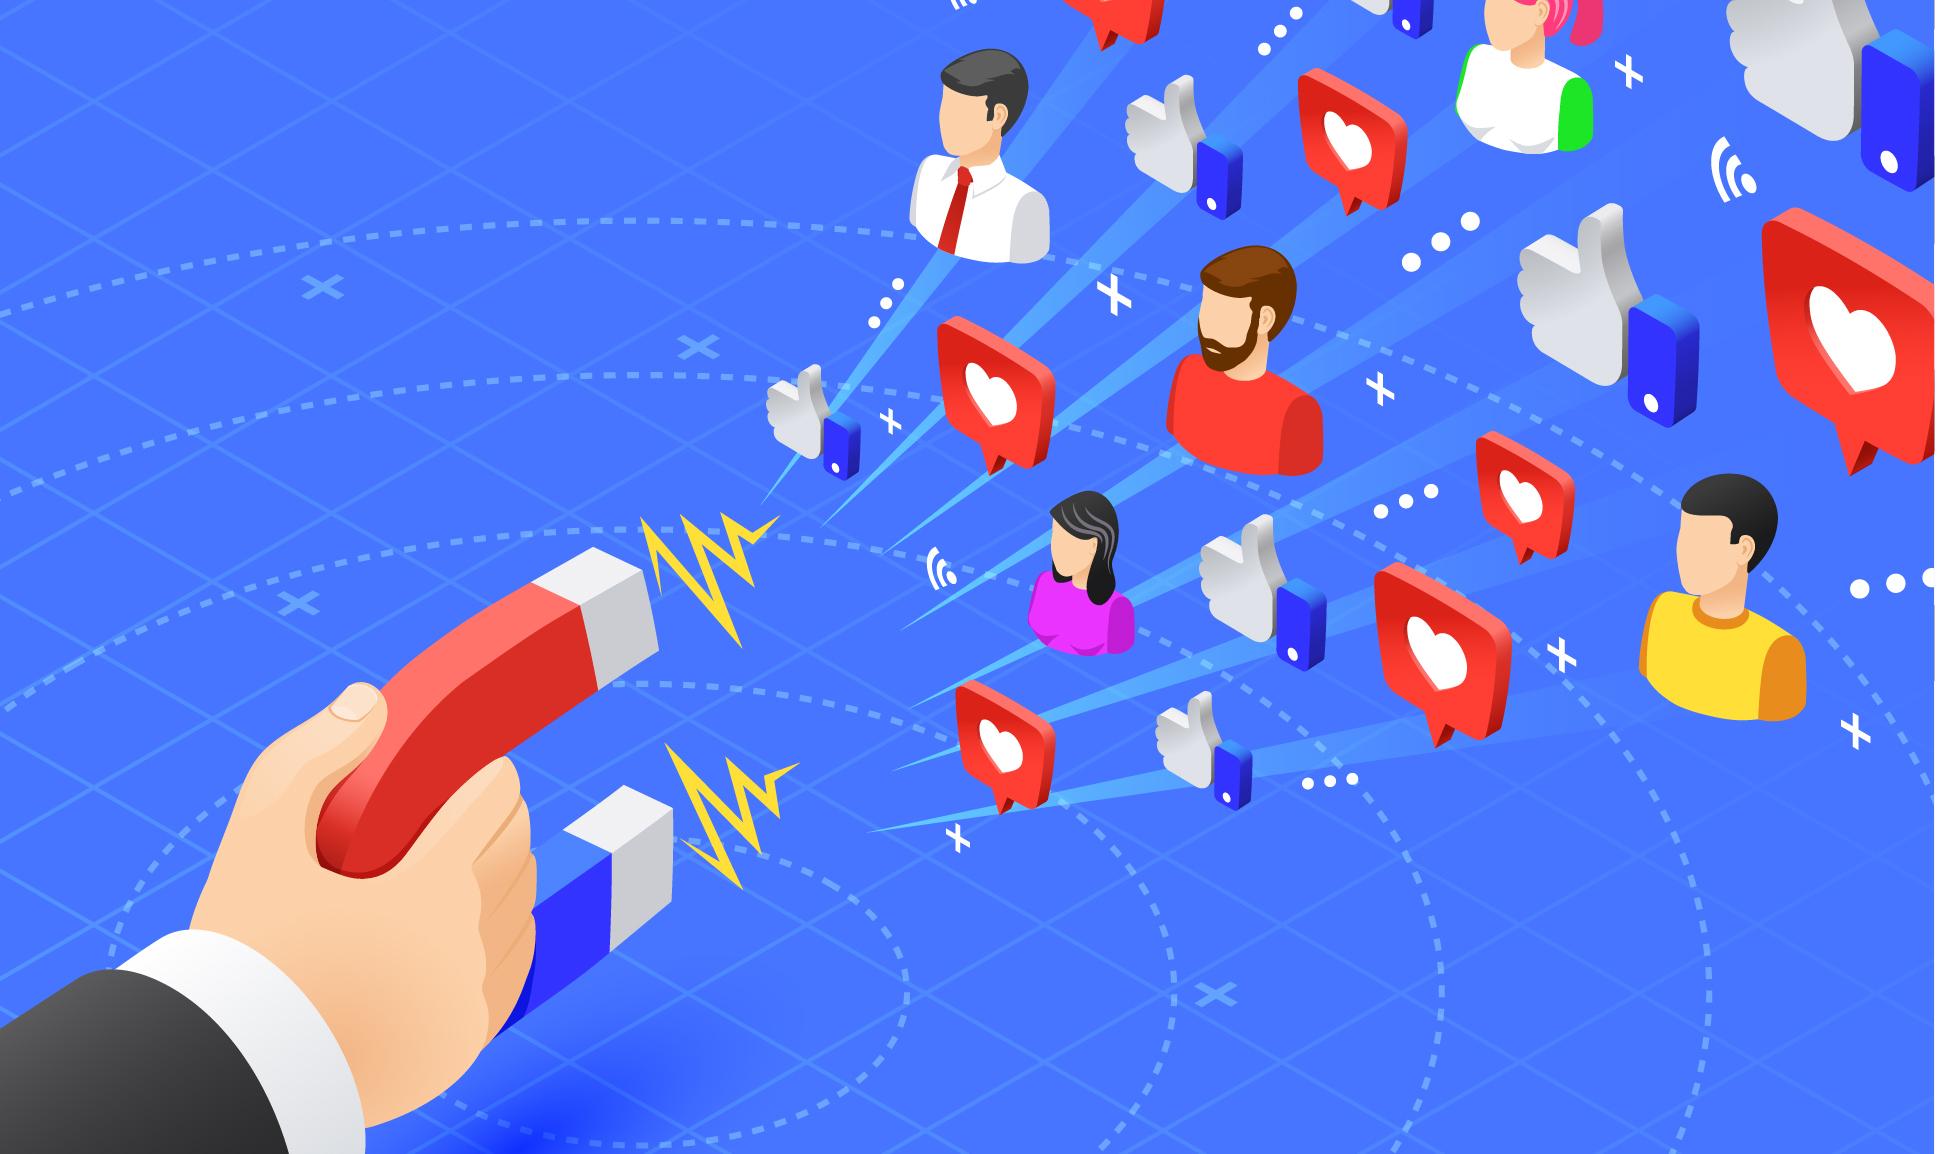 Pazarlama İçin Sosyal Medya Gerçekten Etkili mi?